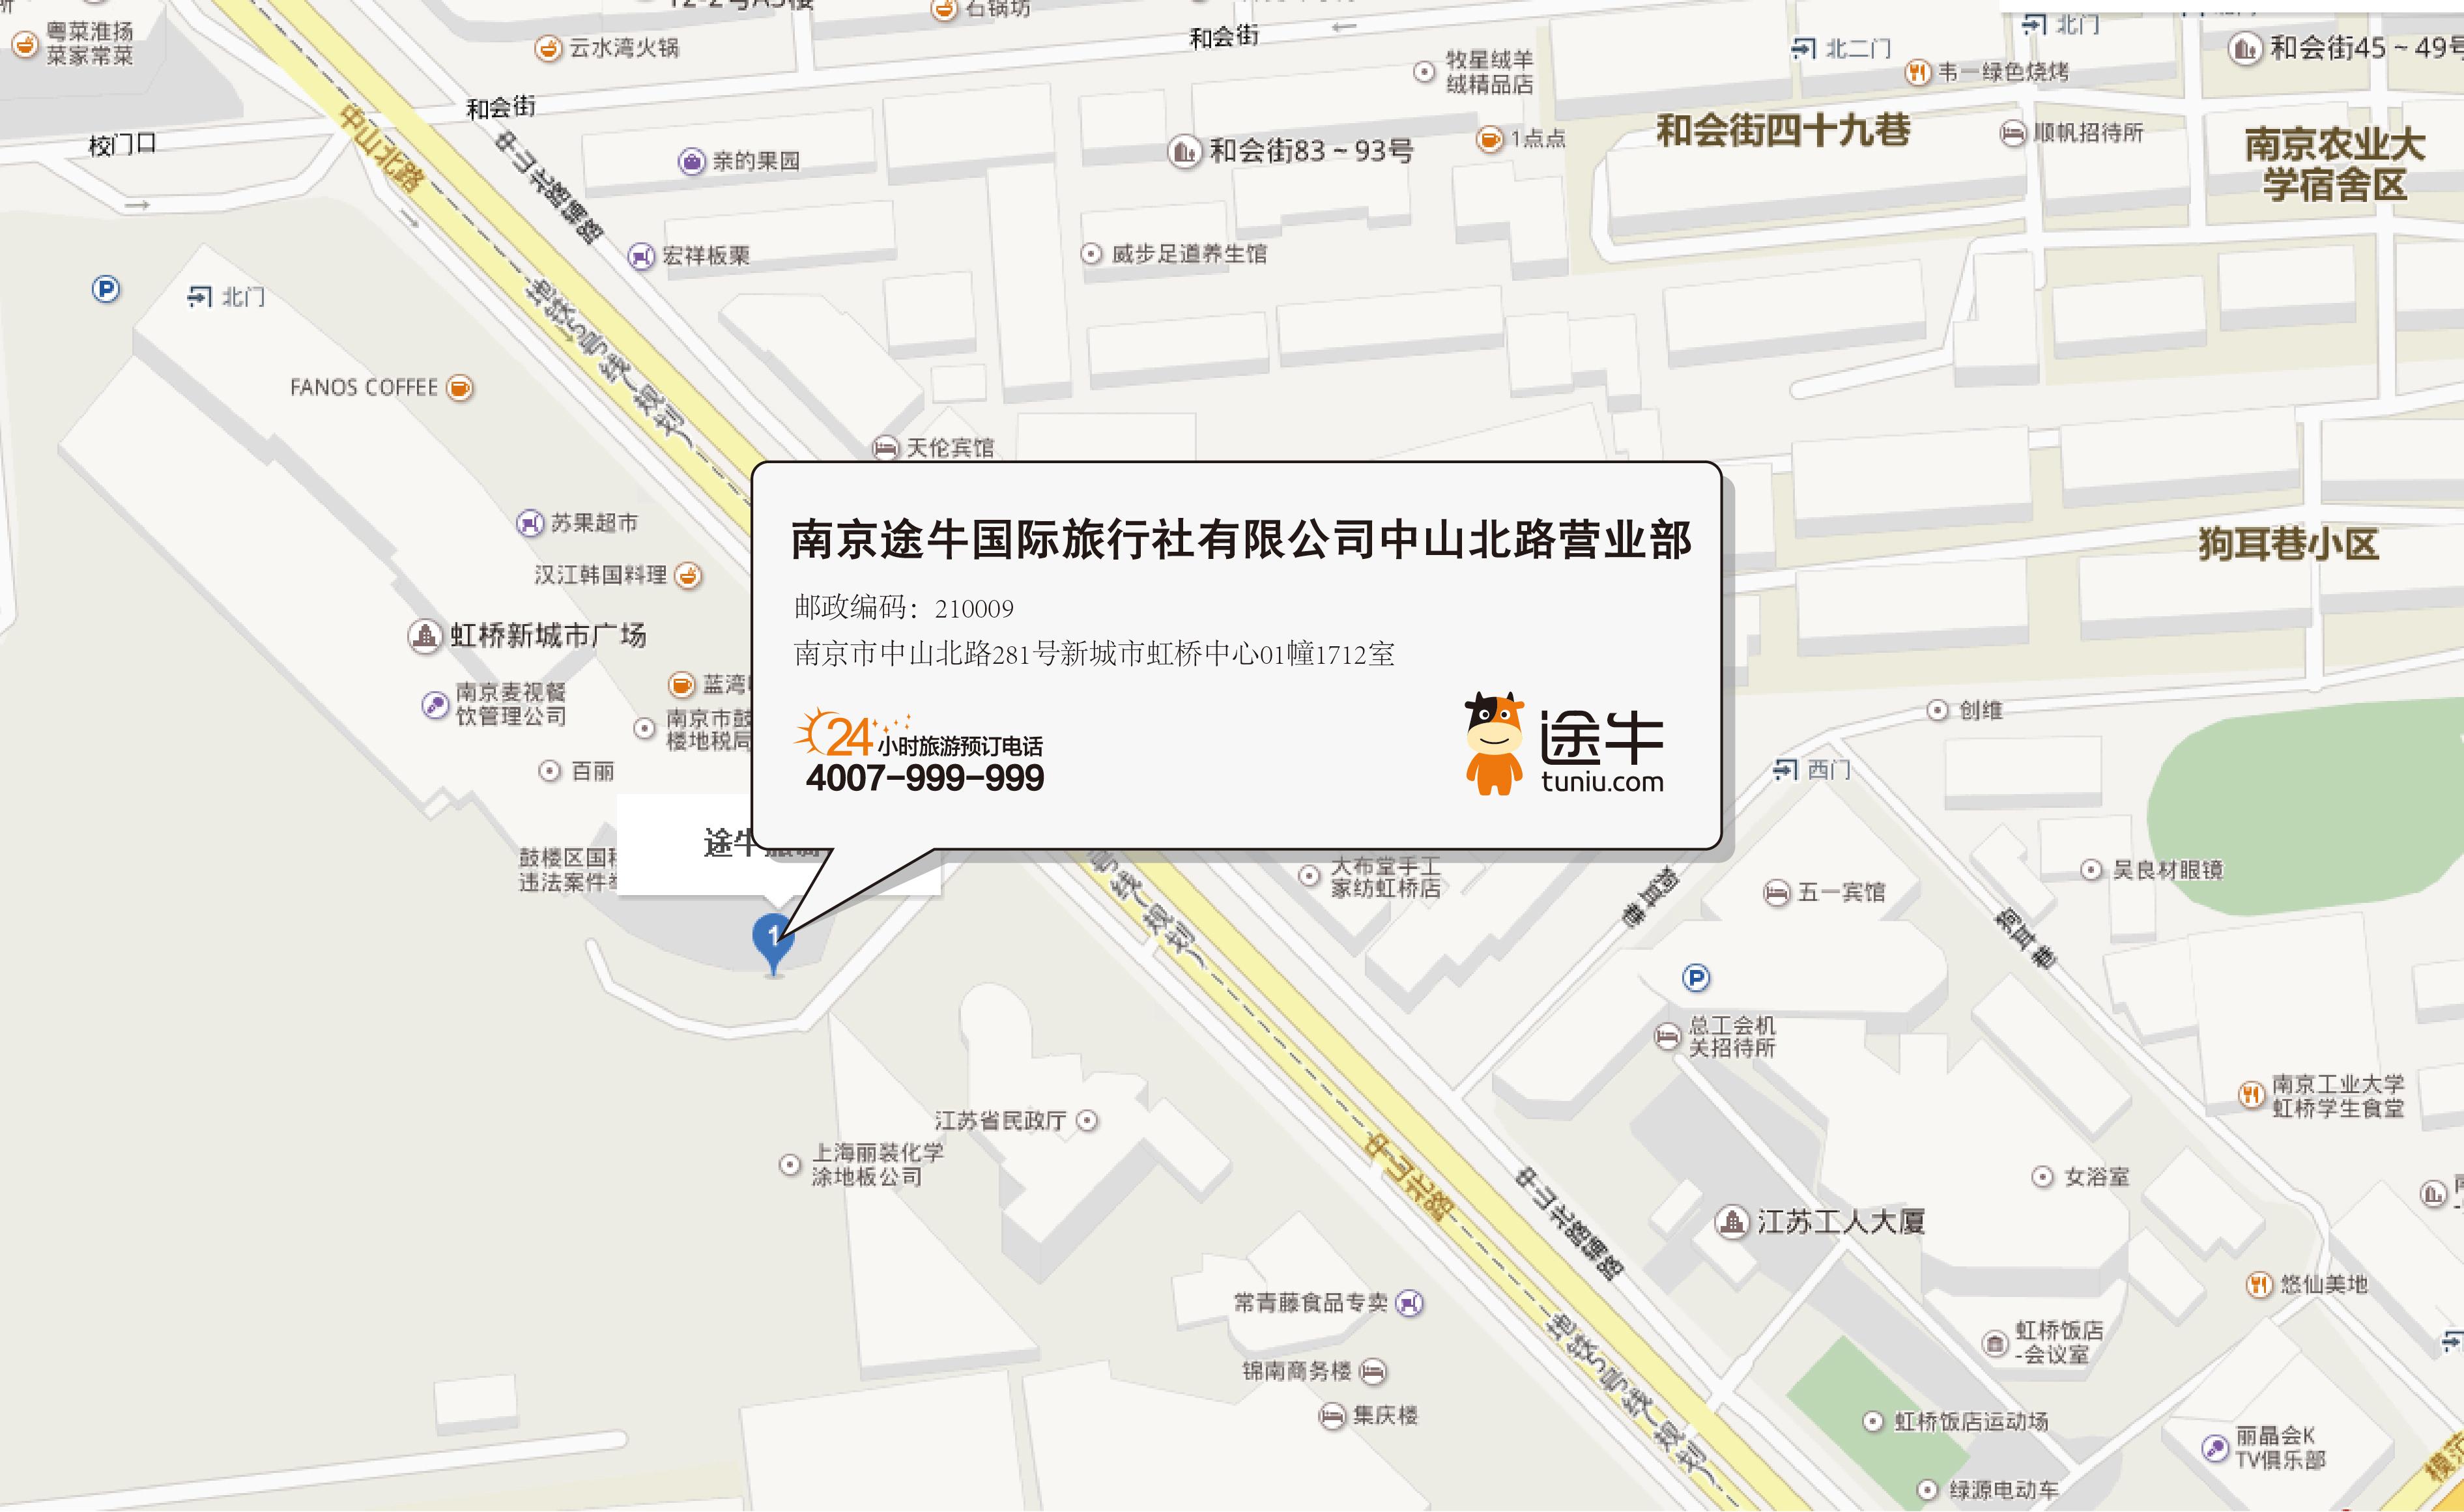 南京途牛国际旅行社有限公司中山北路营业部地图